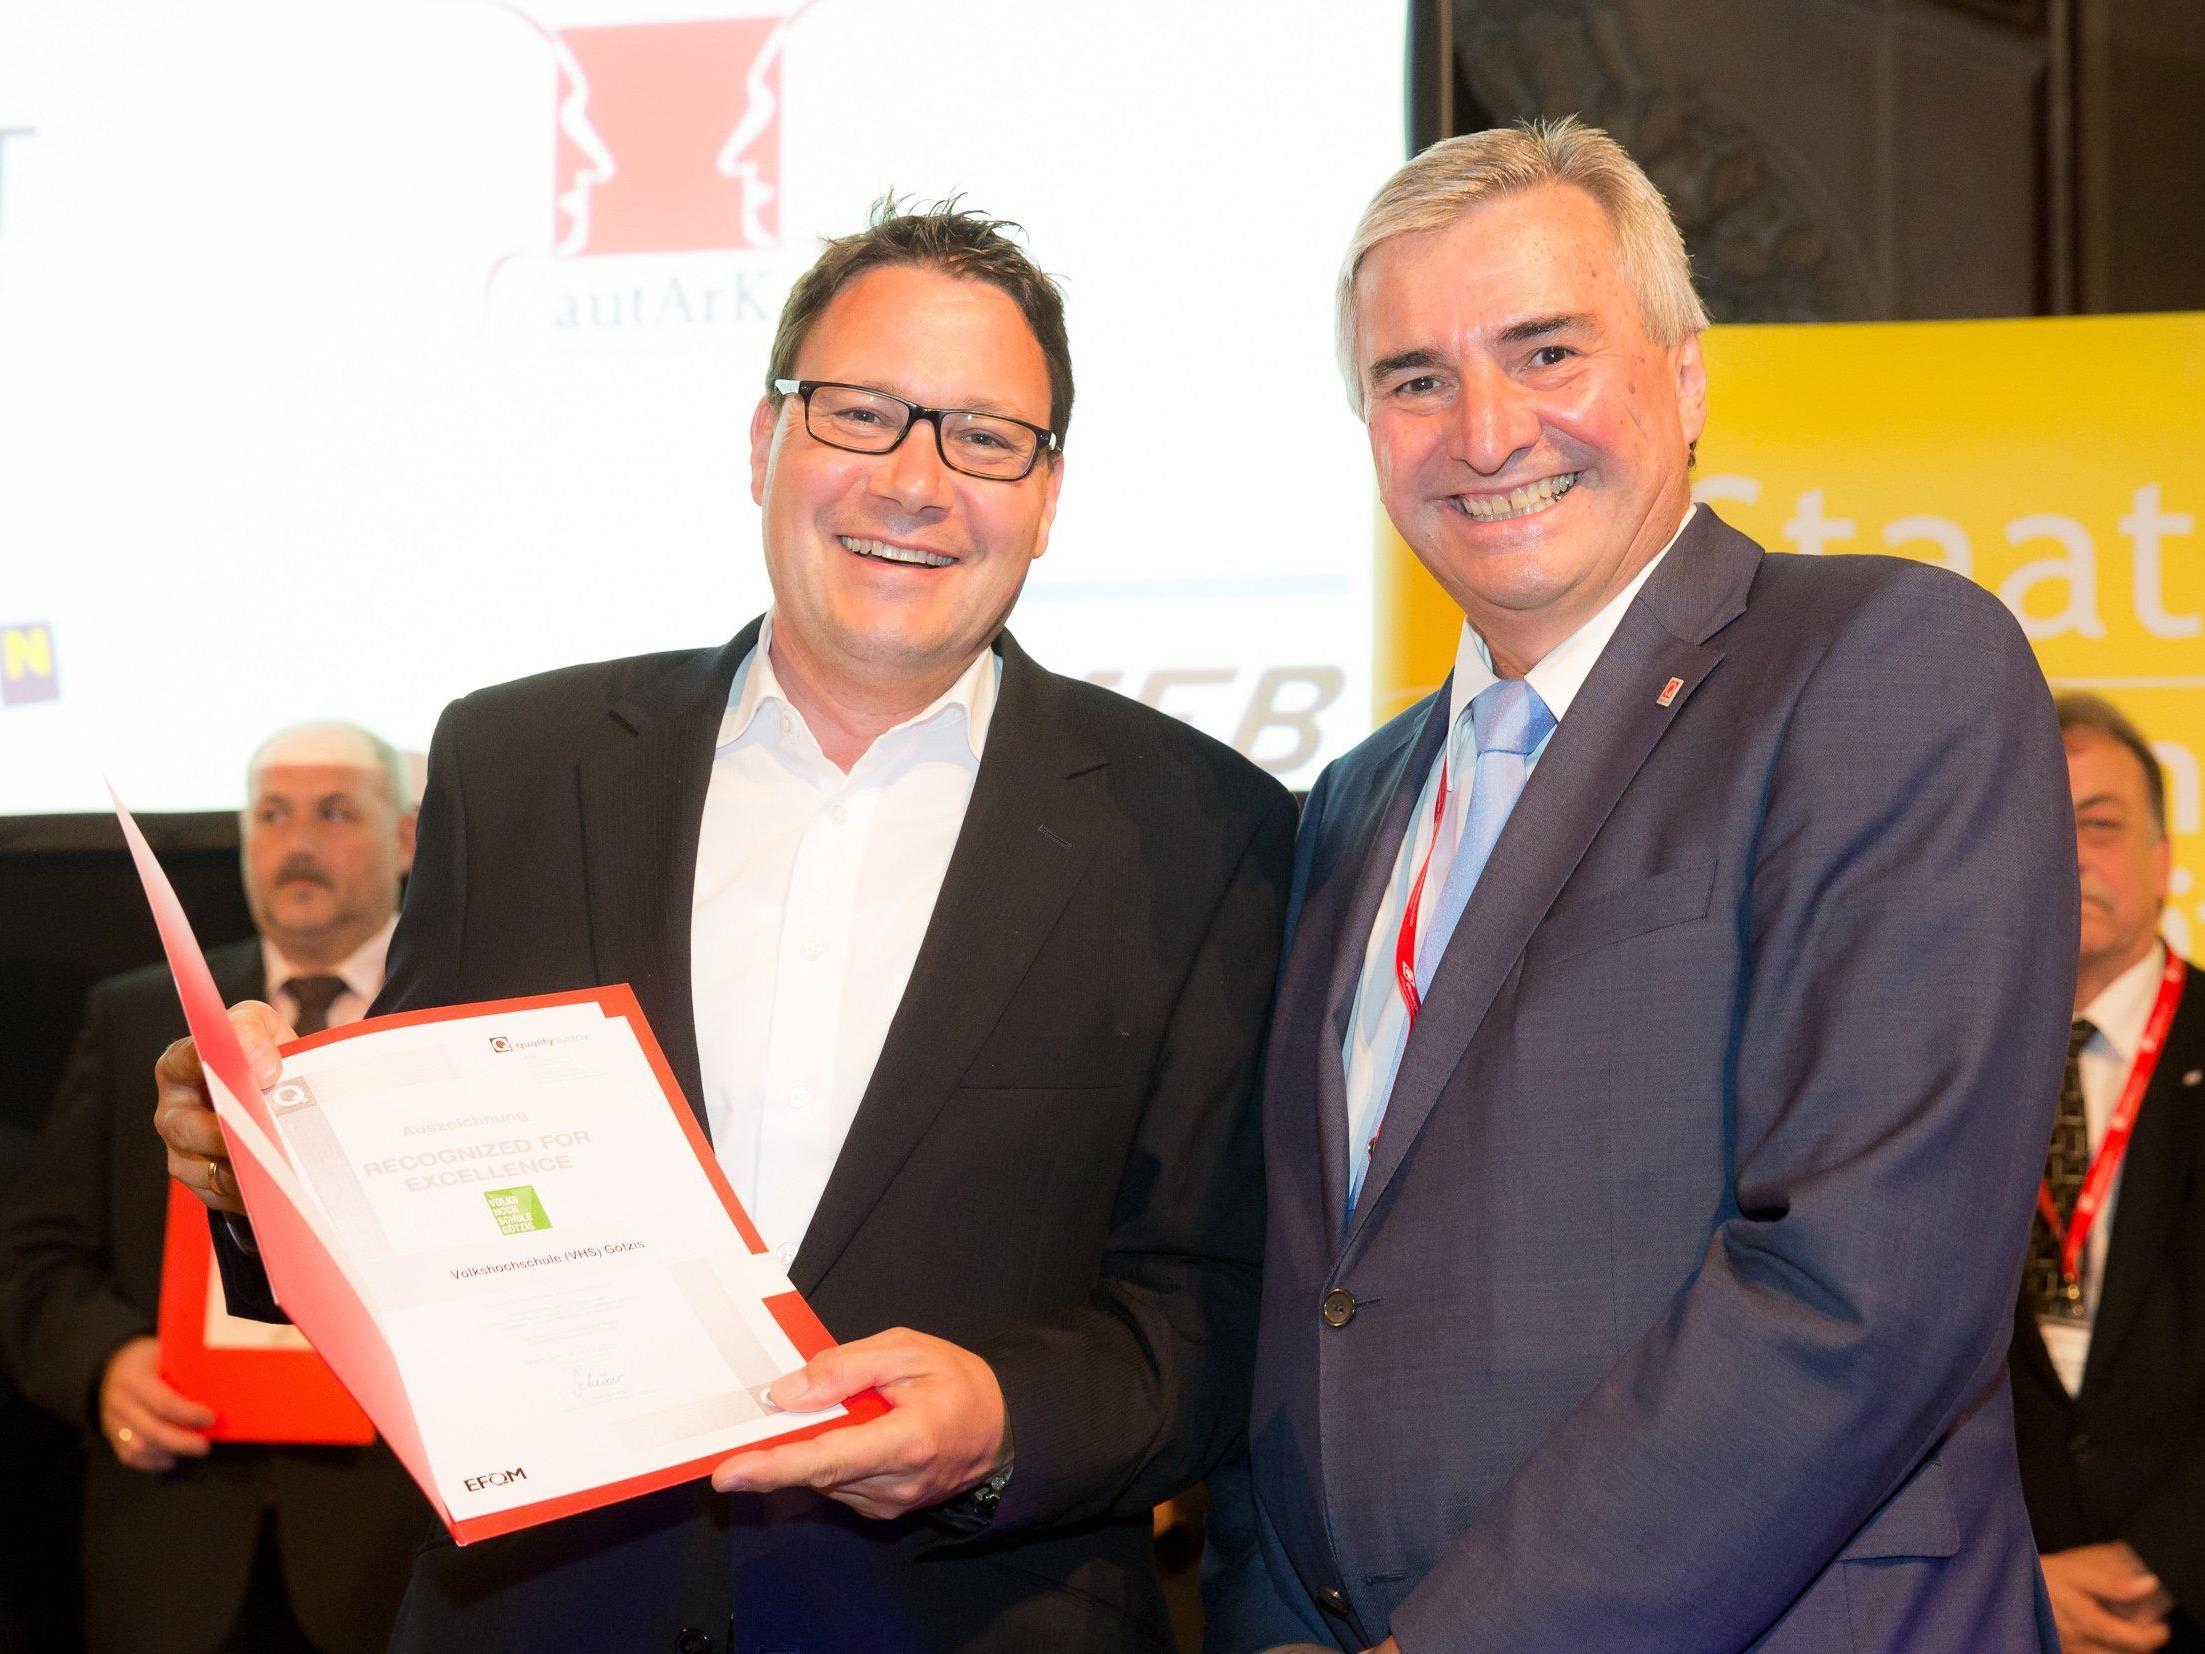 Der CEO der Quality Austria, Dr. Konrad Scheiber, überreicht GF Stefan Fischnaller das Qualitätsdiplom